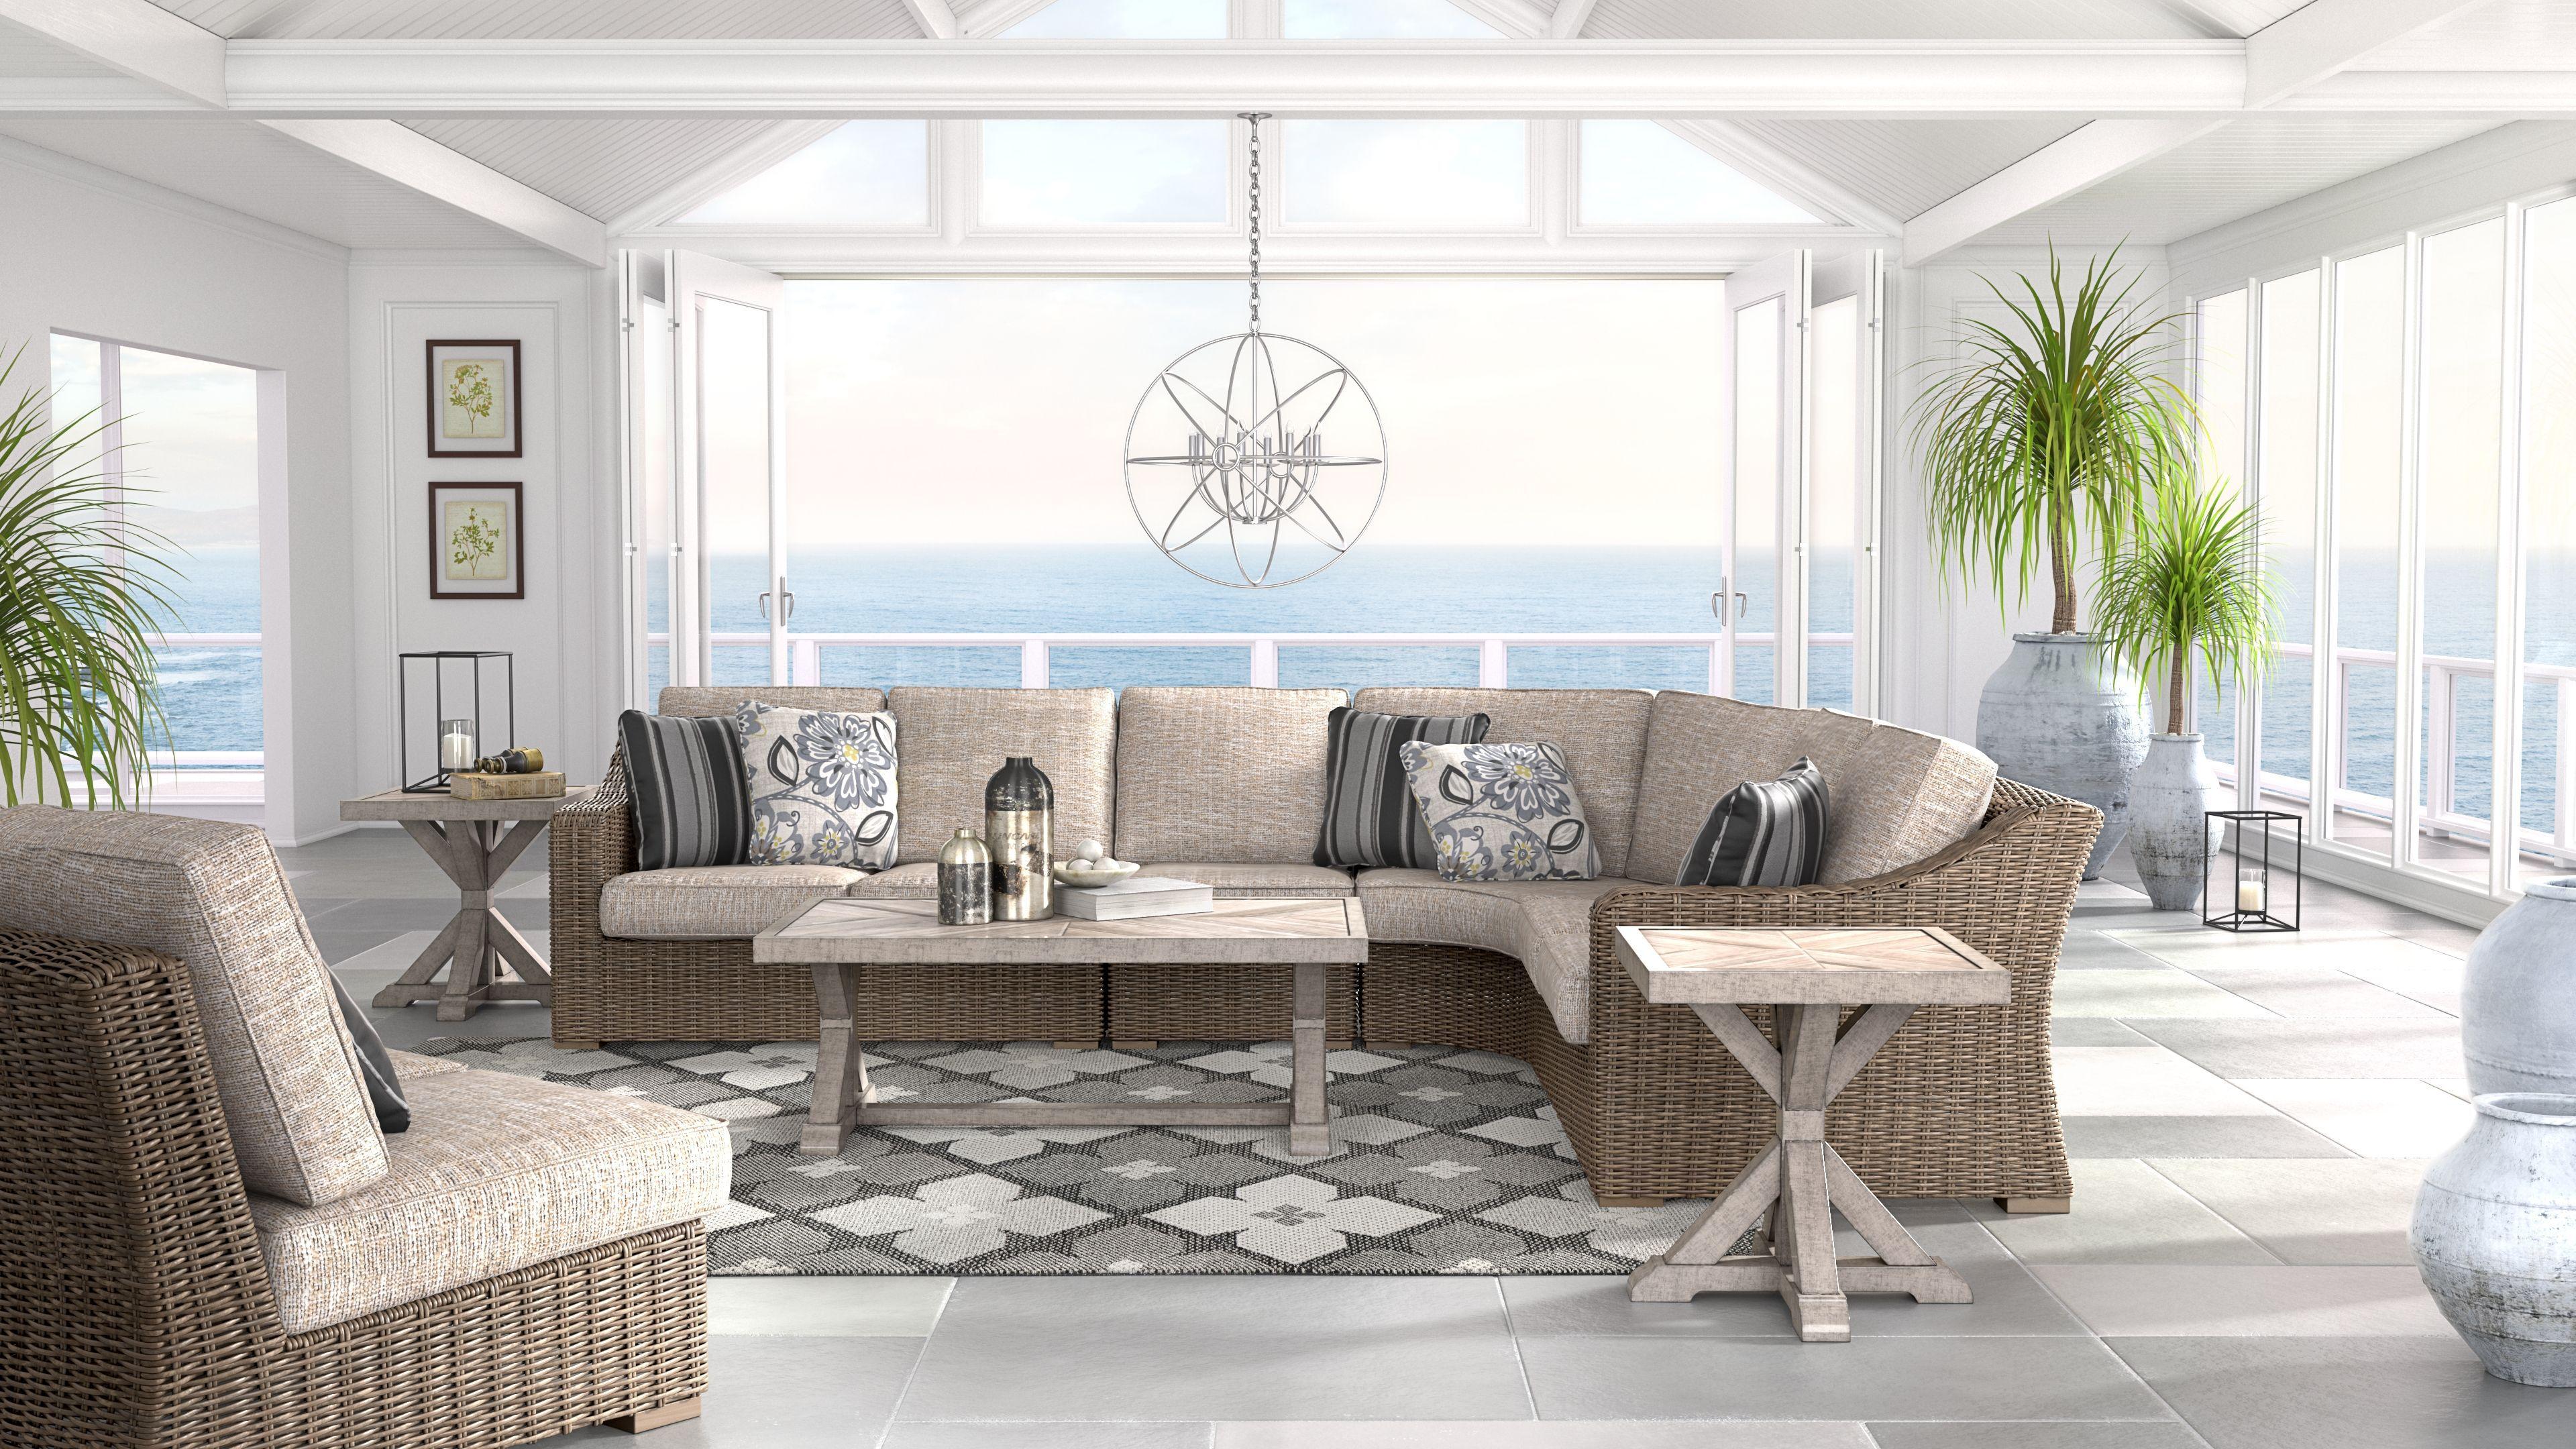 Beachcroft 5-Piece Outdoor Seating Set, Beige # ... on Beachcroft Beige Outdoor Living Room Set id=52852